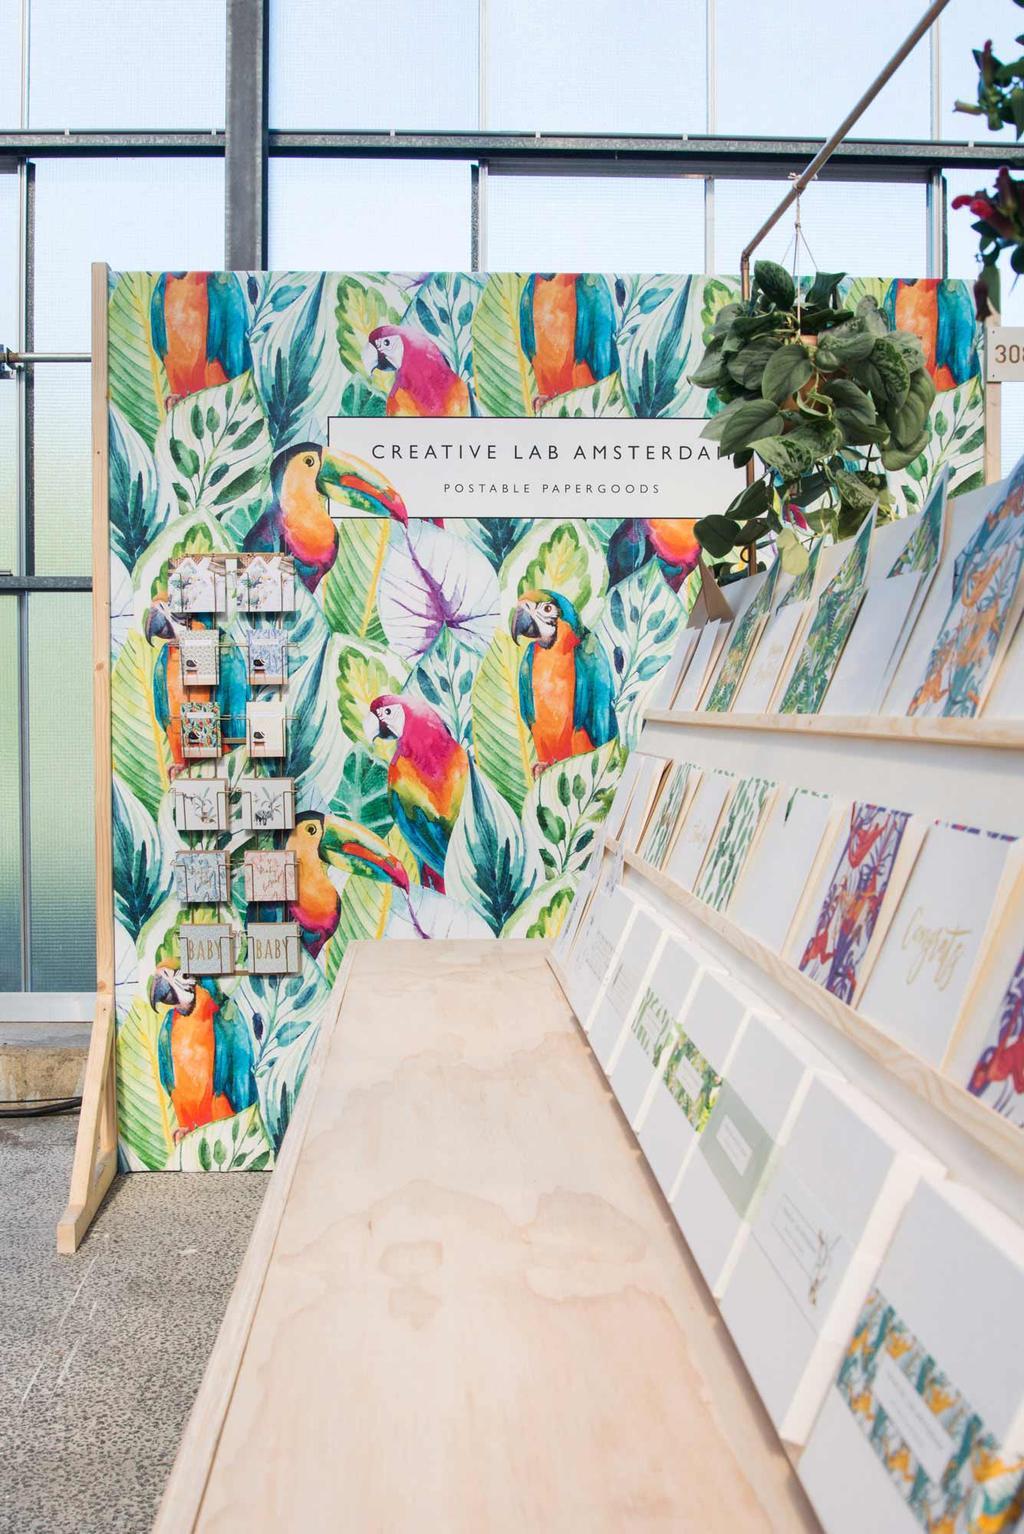 Behang van Creative Lab met REMADE with love op showUP